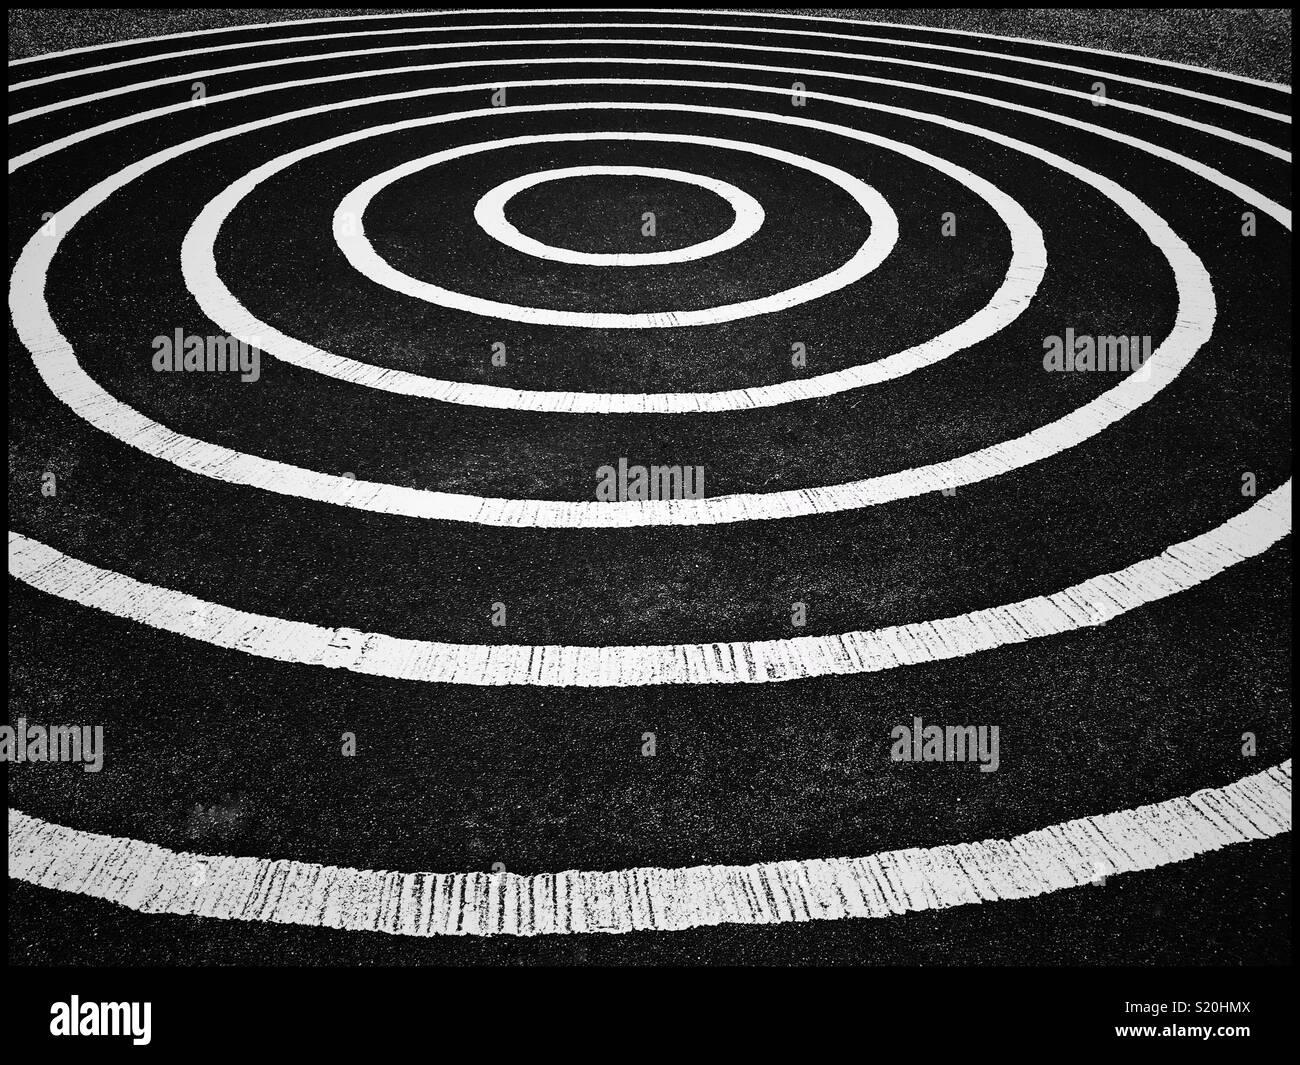 Weiß konzentrische Kreise bilden ein interessantes Muster. Halten Sie in diesem Bild schauen und Sie werden im Kreise dreht. Foto - © COLIN HOSKINS. Stockbild